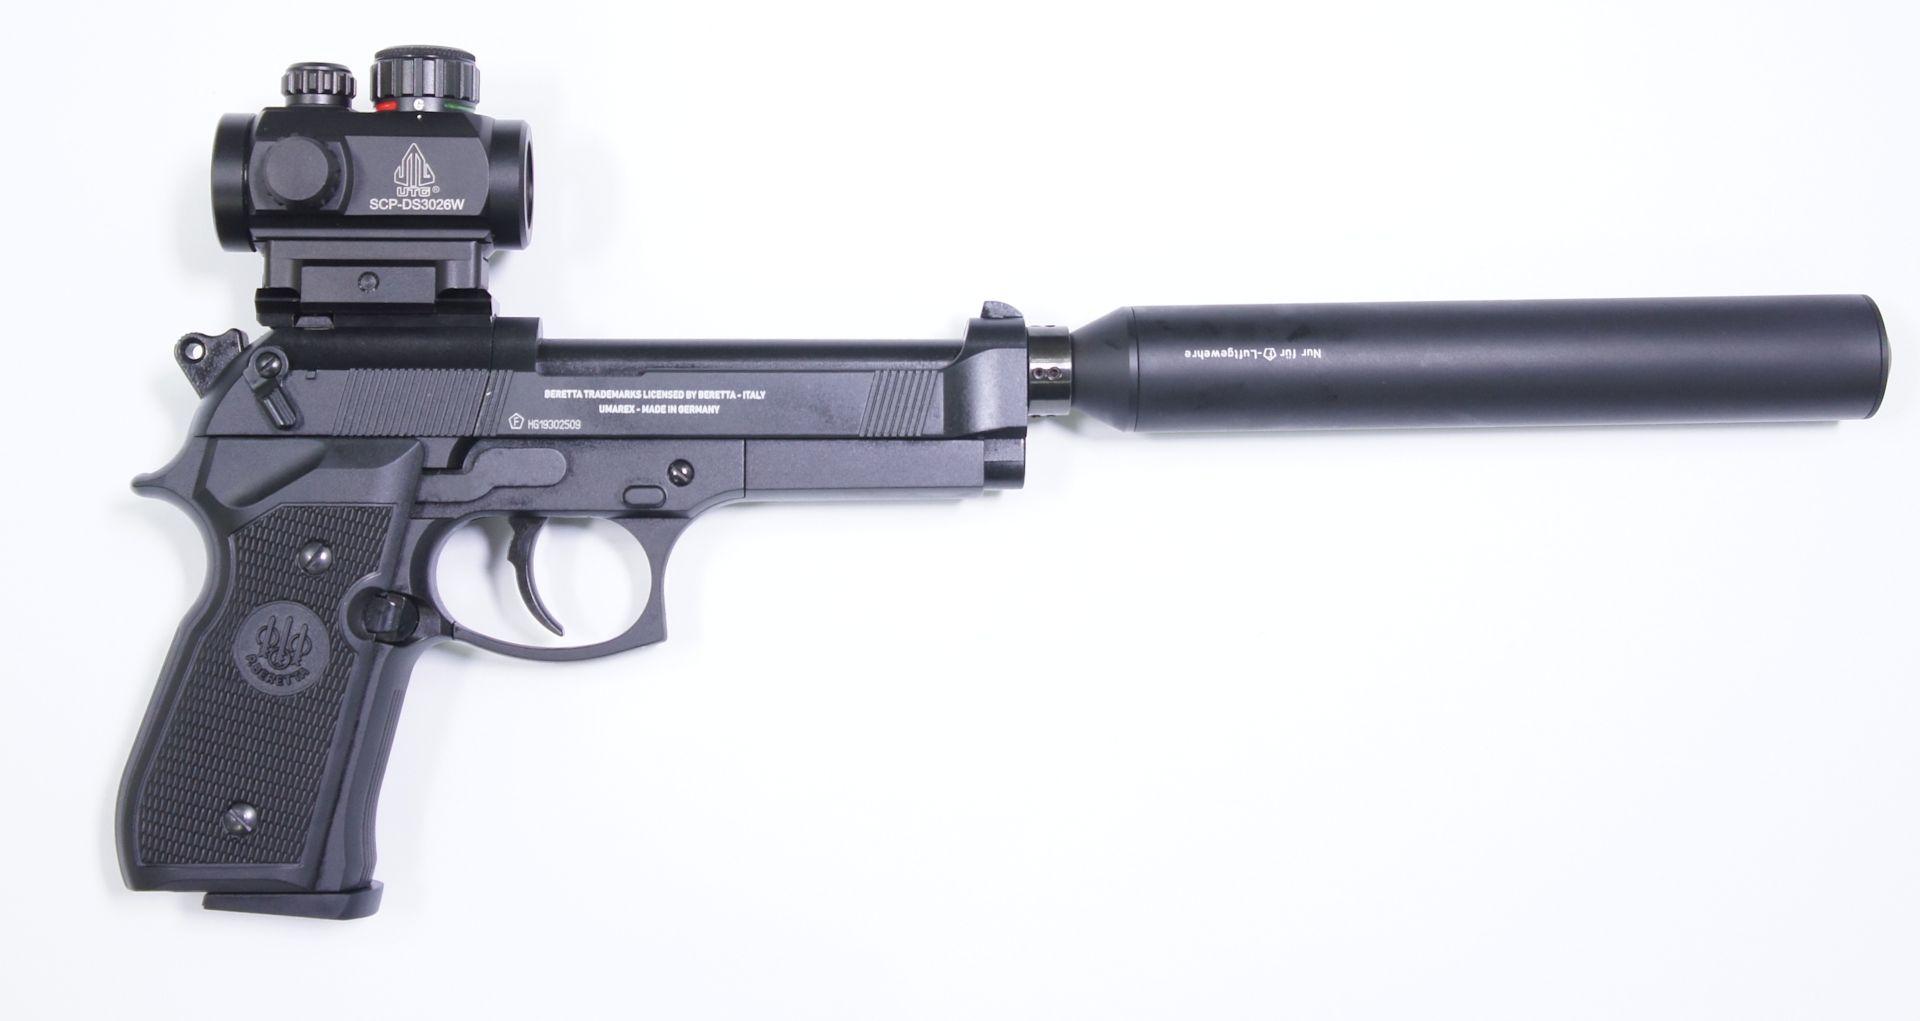 CO2 Pistole Modell Beretta 92FS in schwarz mit Optik und Schalldämpfer von der rechten Seite